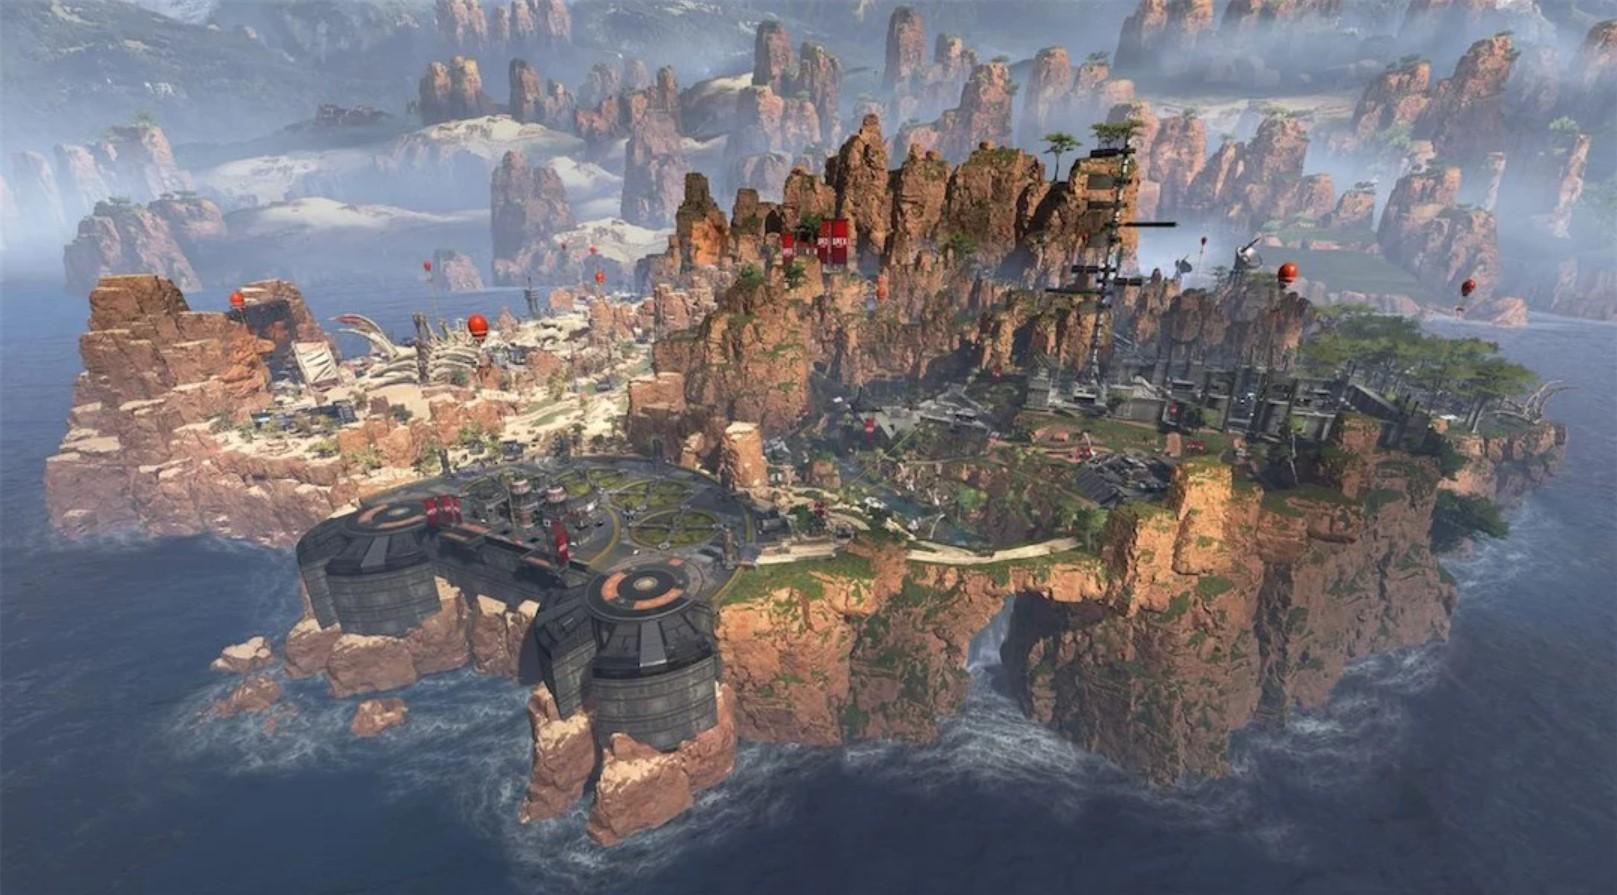 重生CEO:《Apex英雄》将来或推出更大的地图